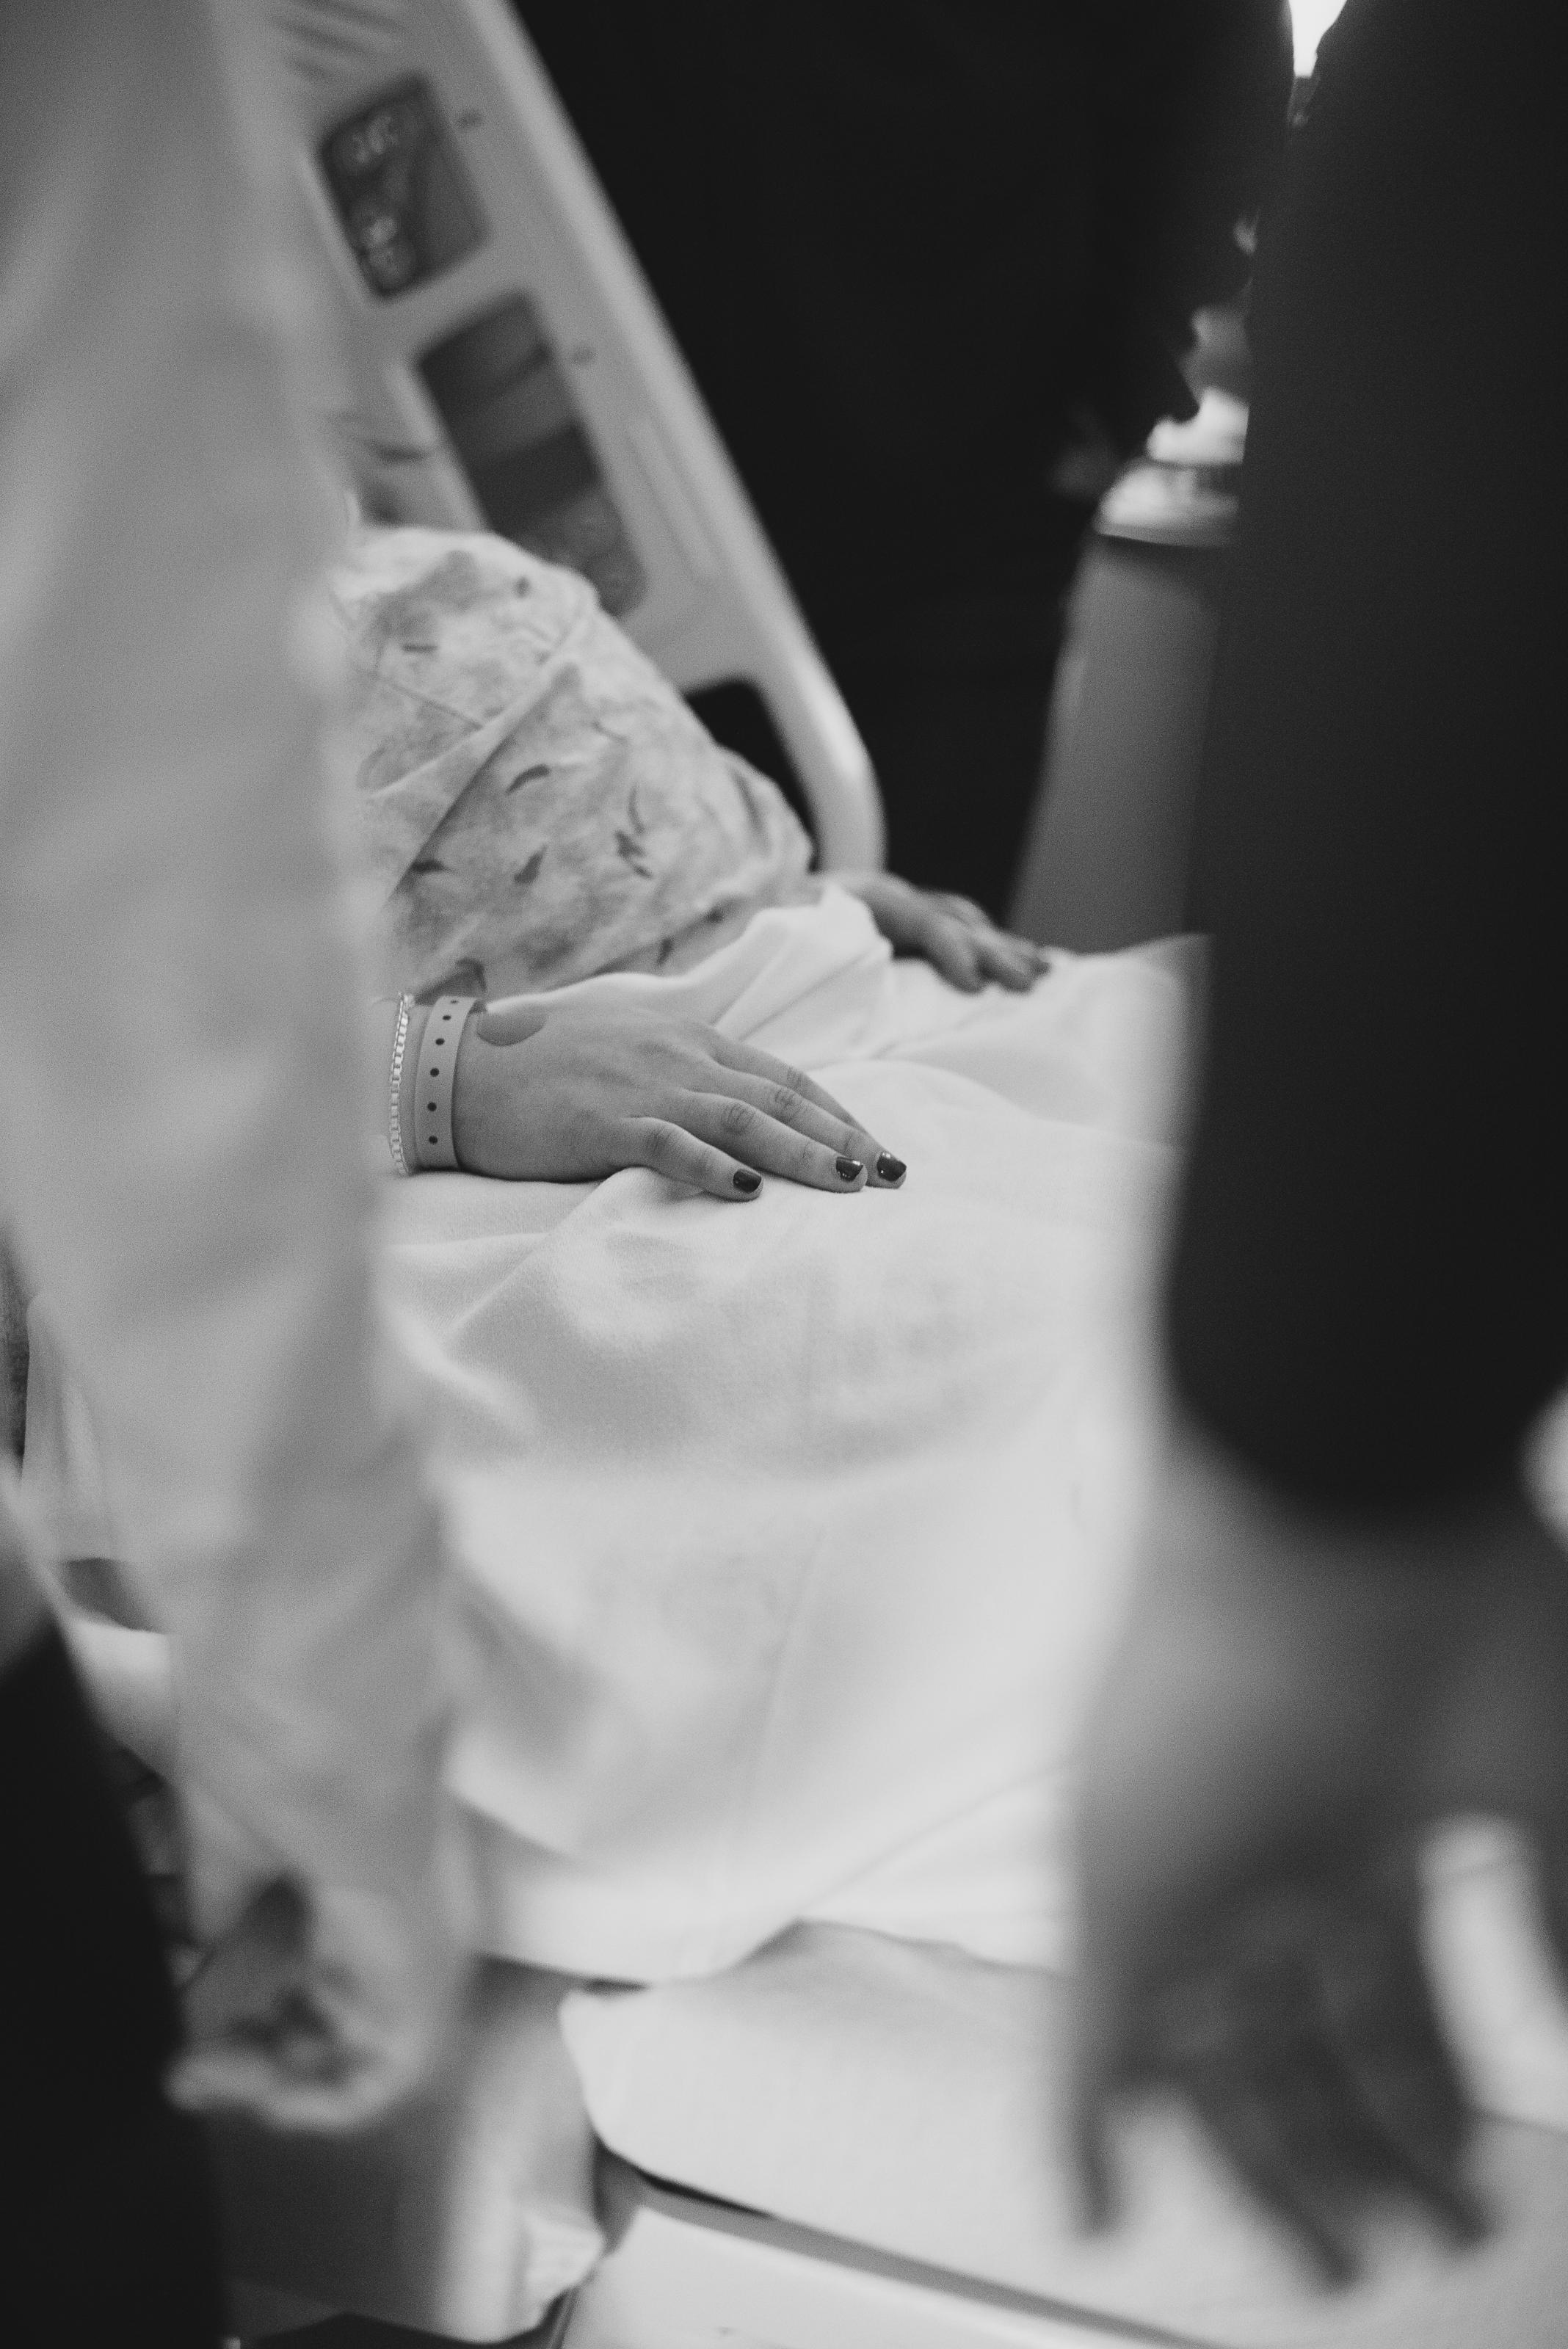 rosie-ward-birth-76.jpg